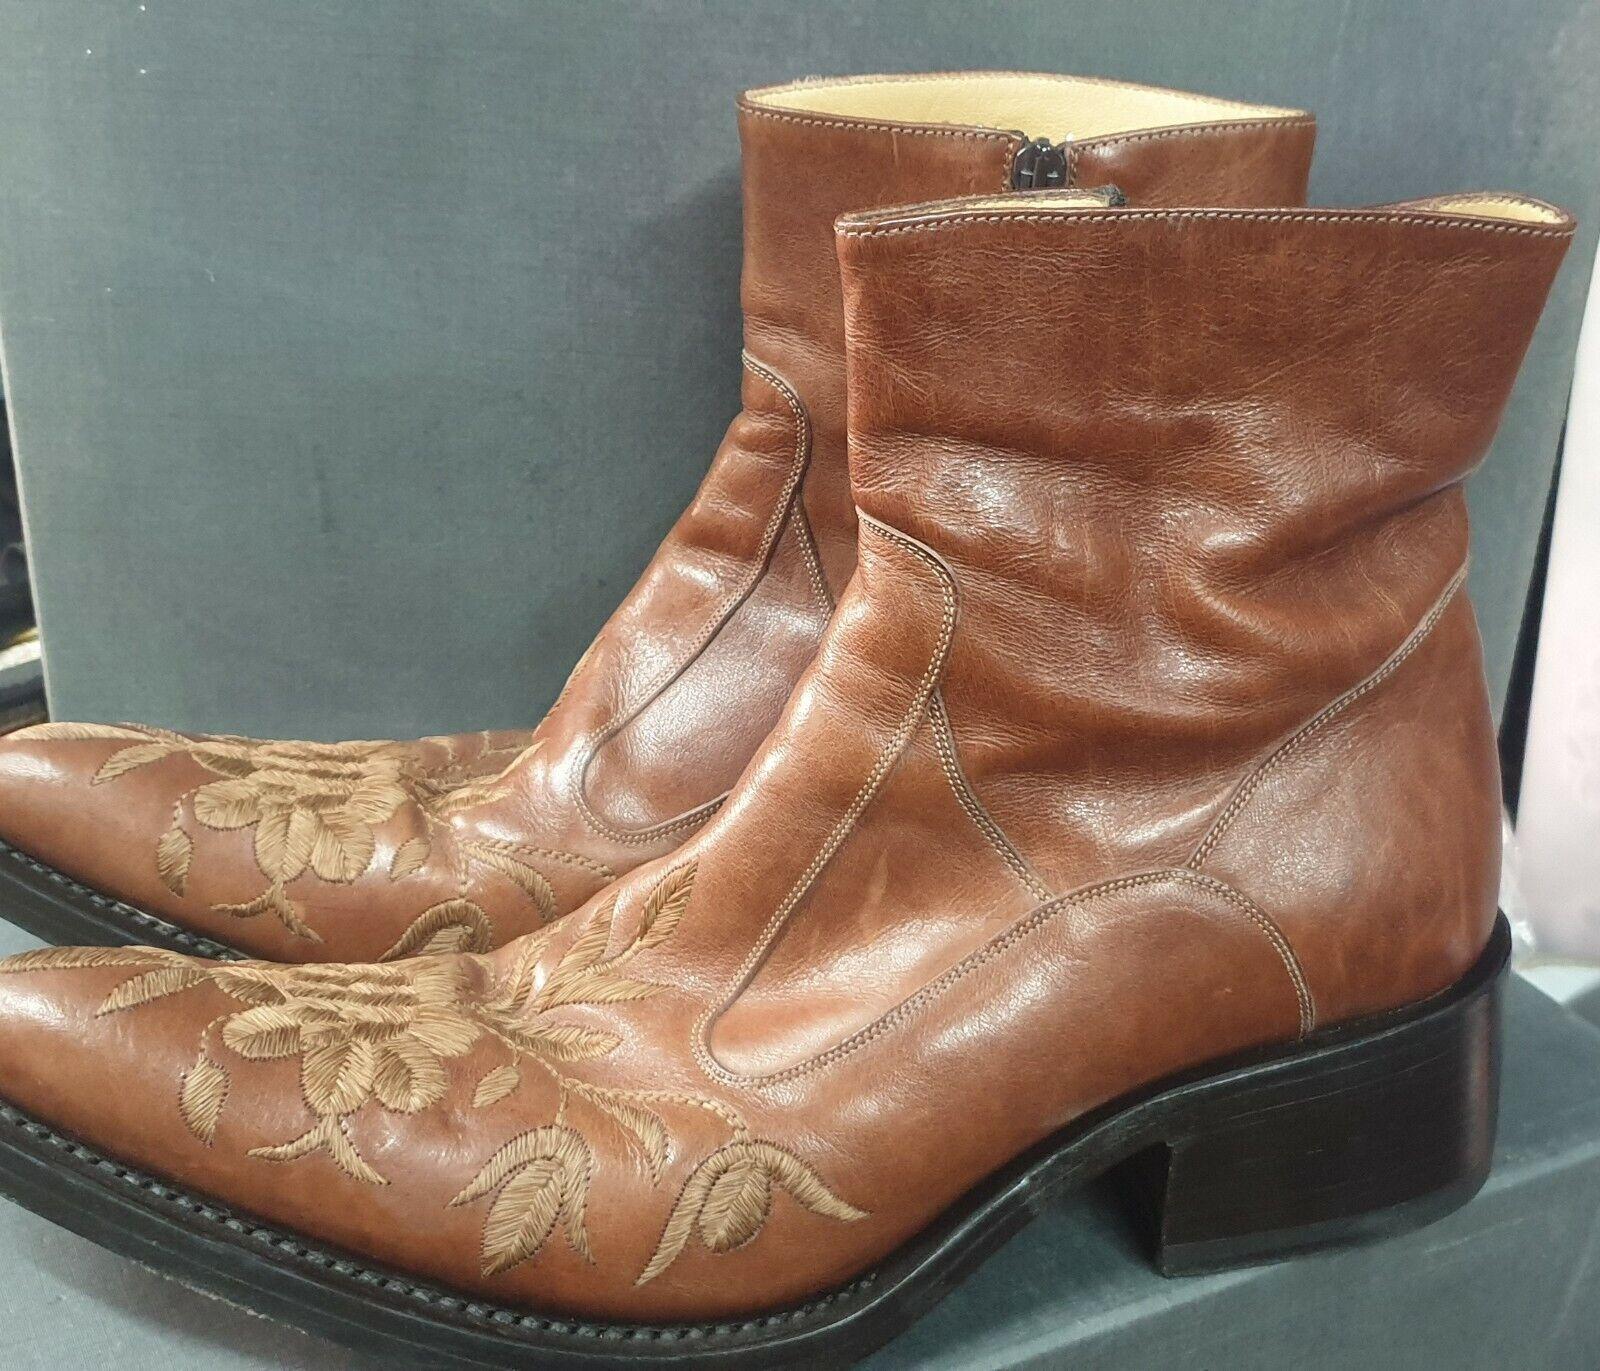 Ricardo barbato cowboy boots s41 VGC rrp